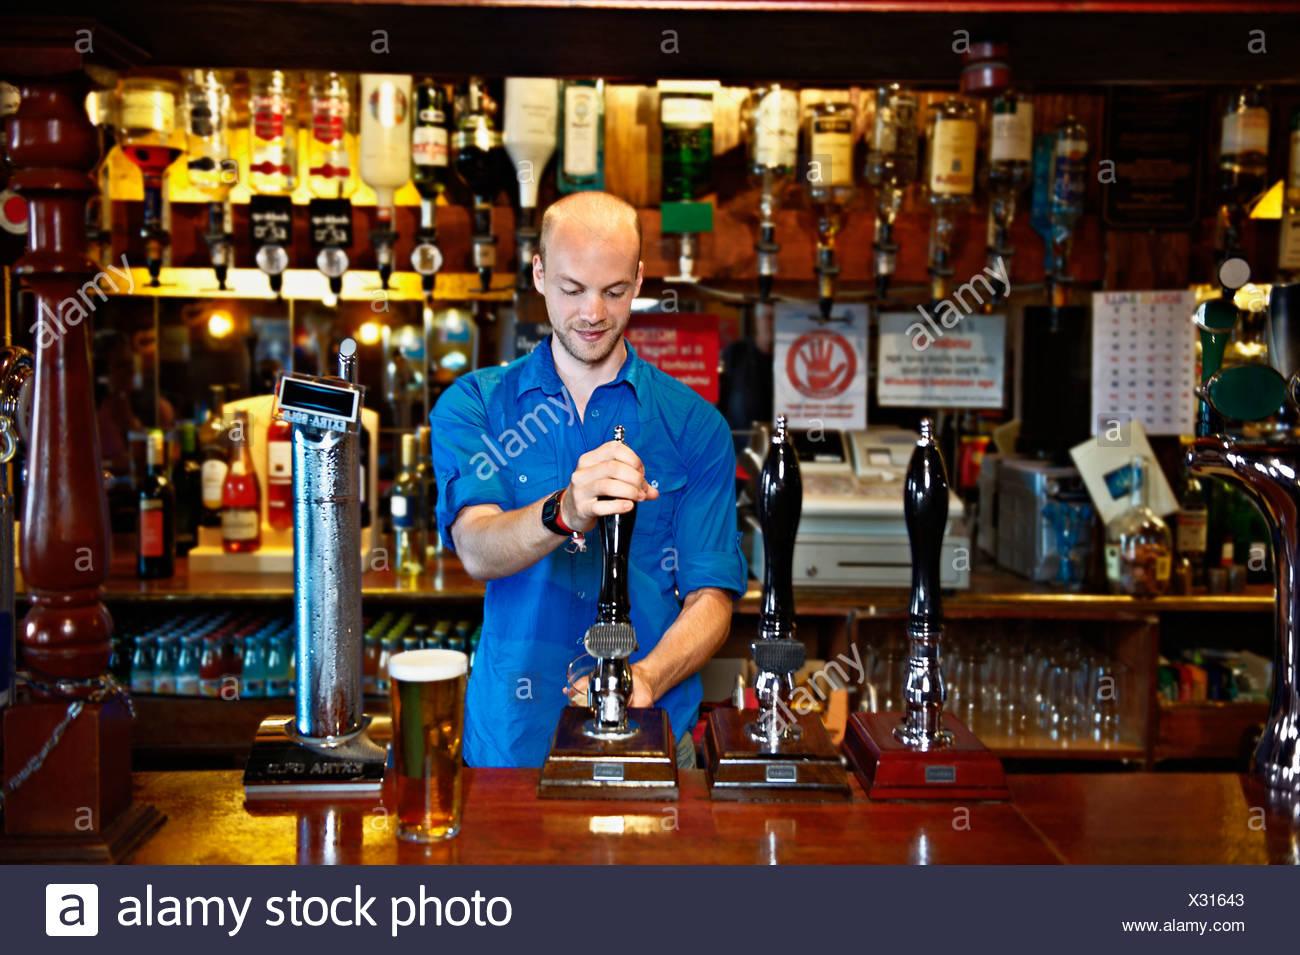 Barmann stehend hinter bar im Pub Stockbild